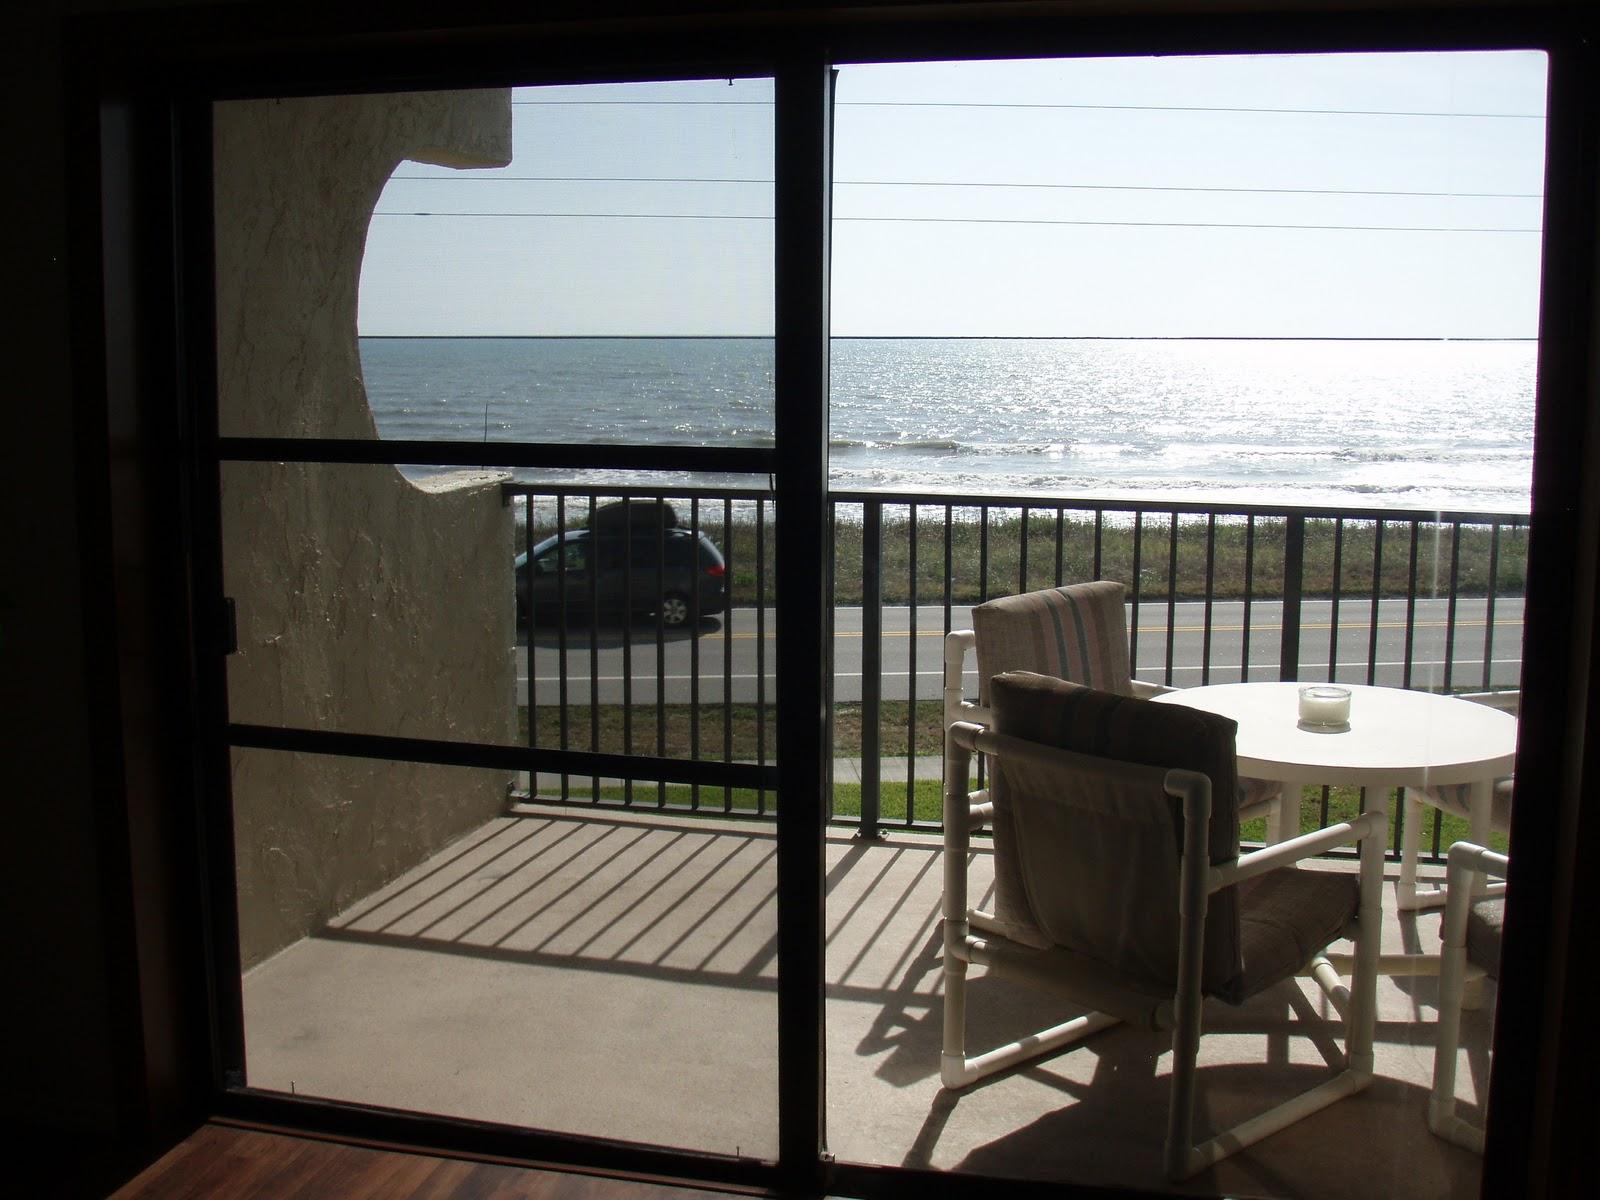 Ormond Beach Rental Condos And Vacation Homes Ormond Beach Florida 2222 Ocean Shore Blvd